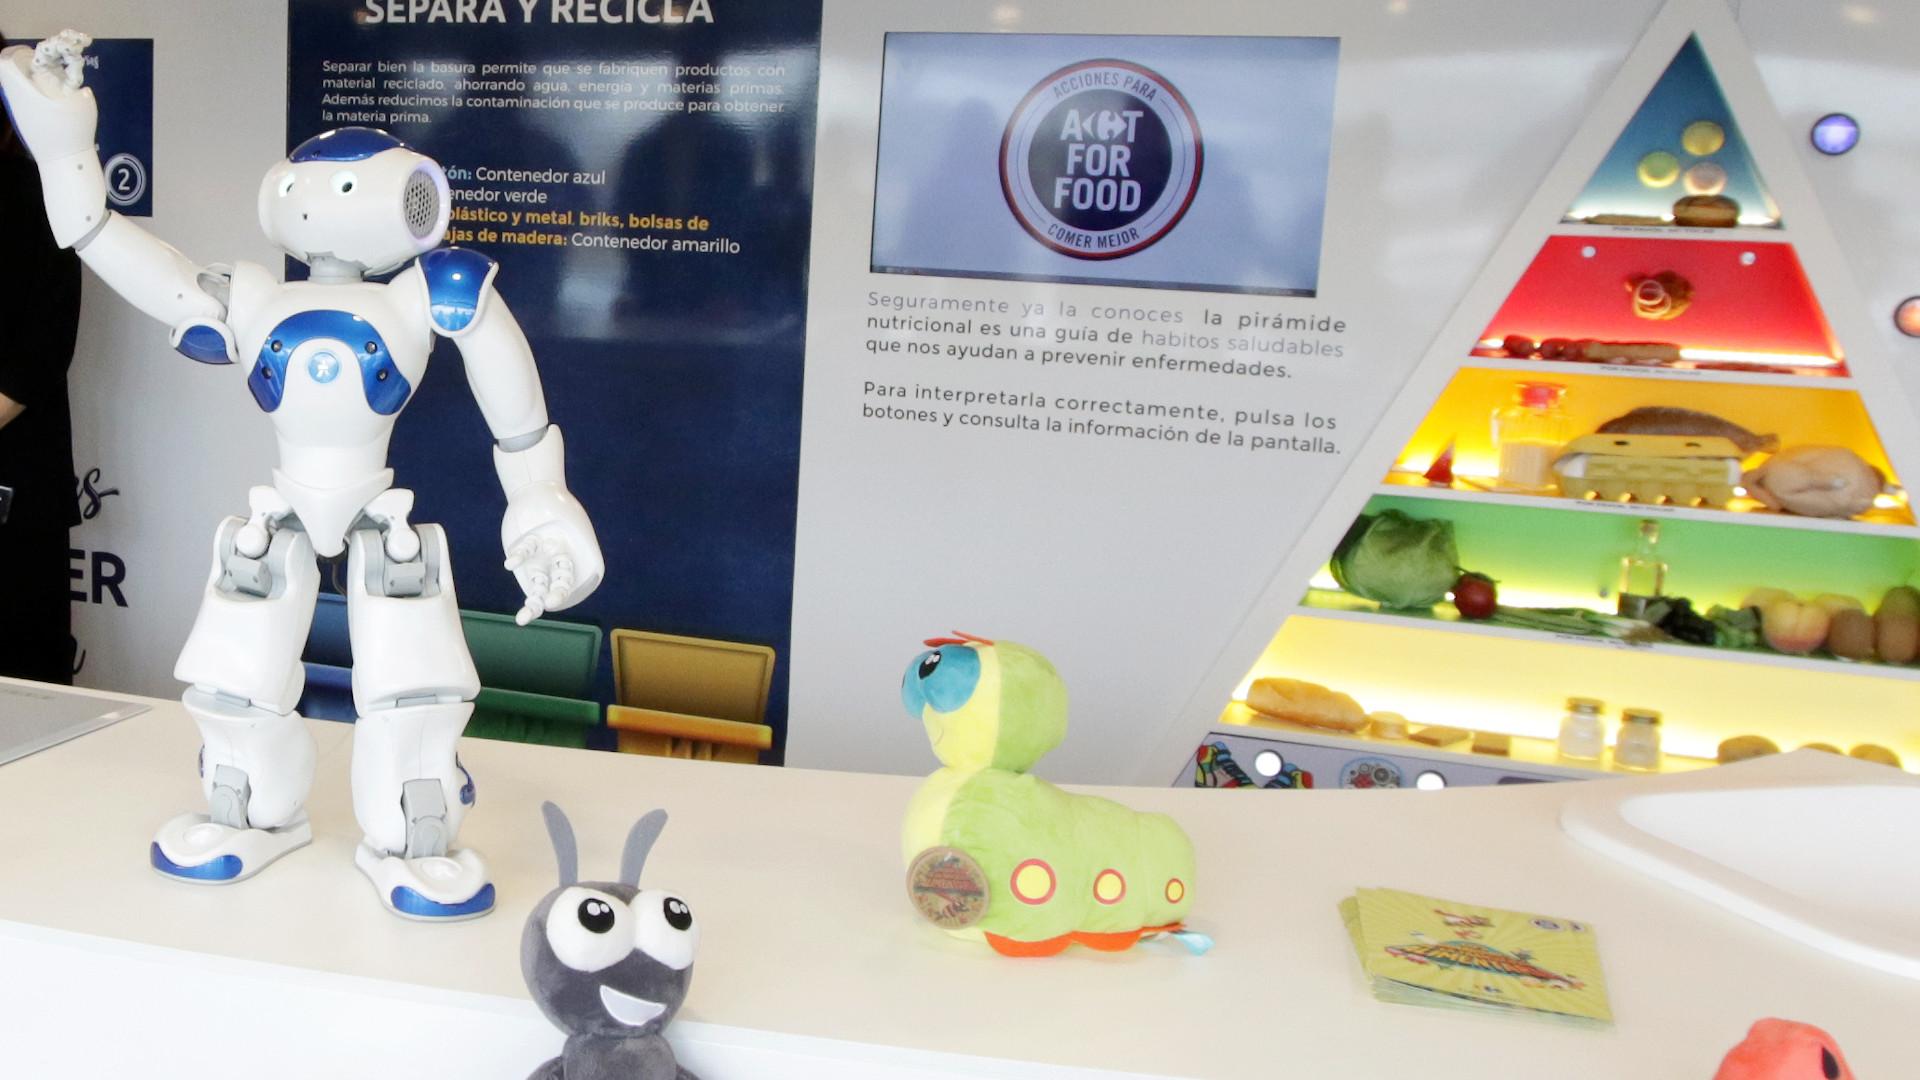 Carrefour acciones para comer mejor